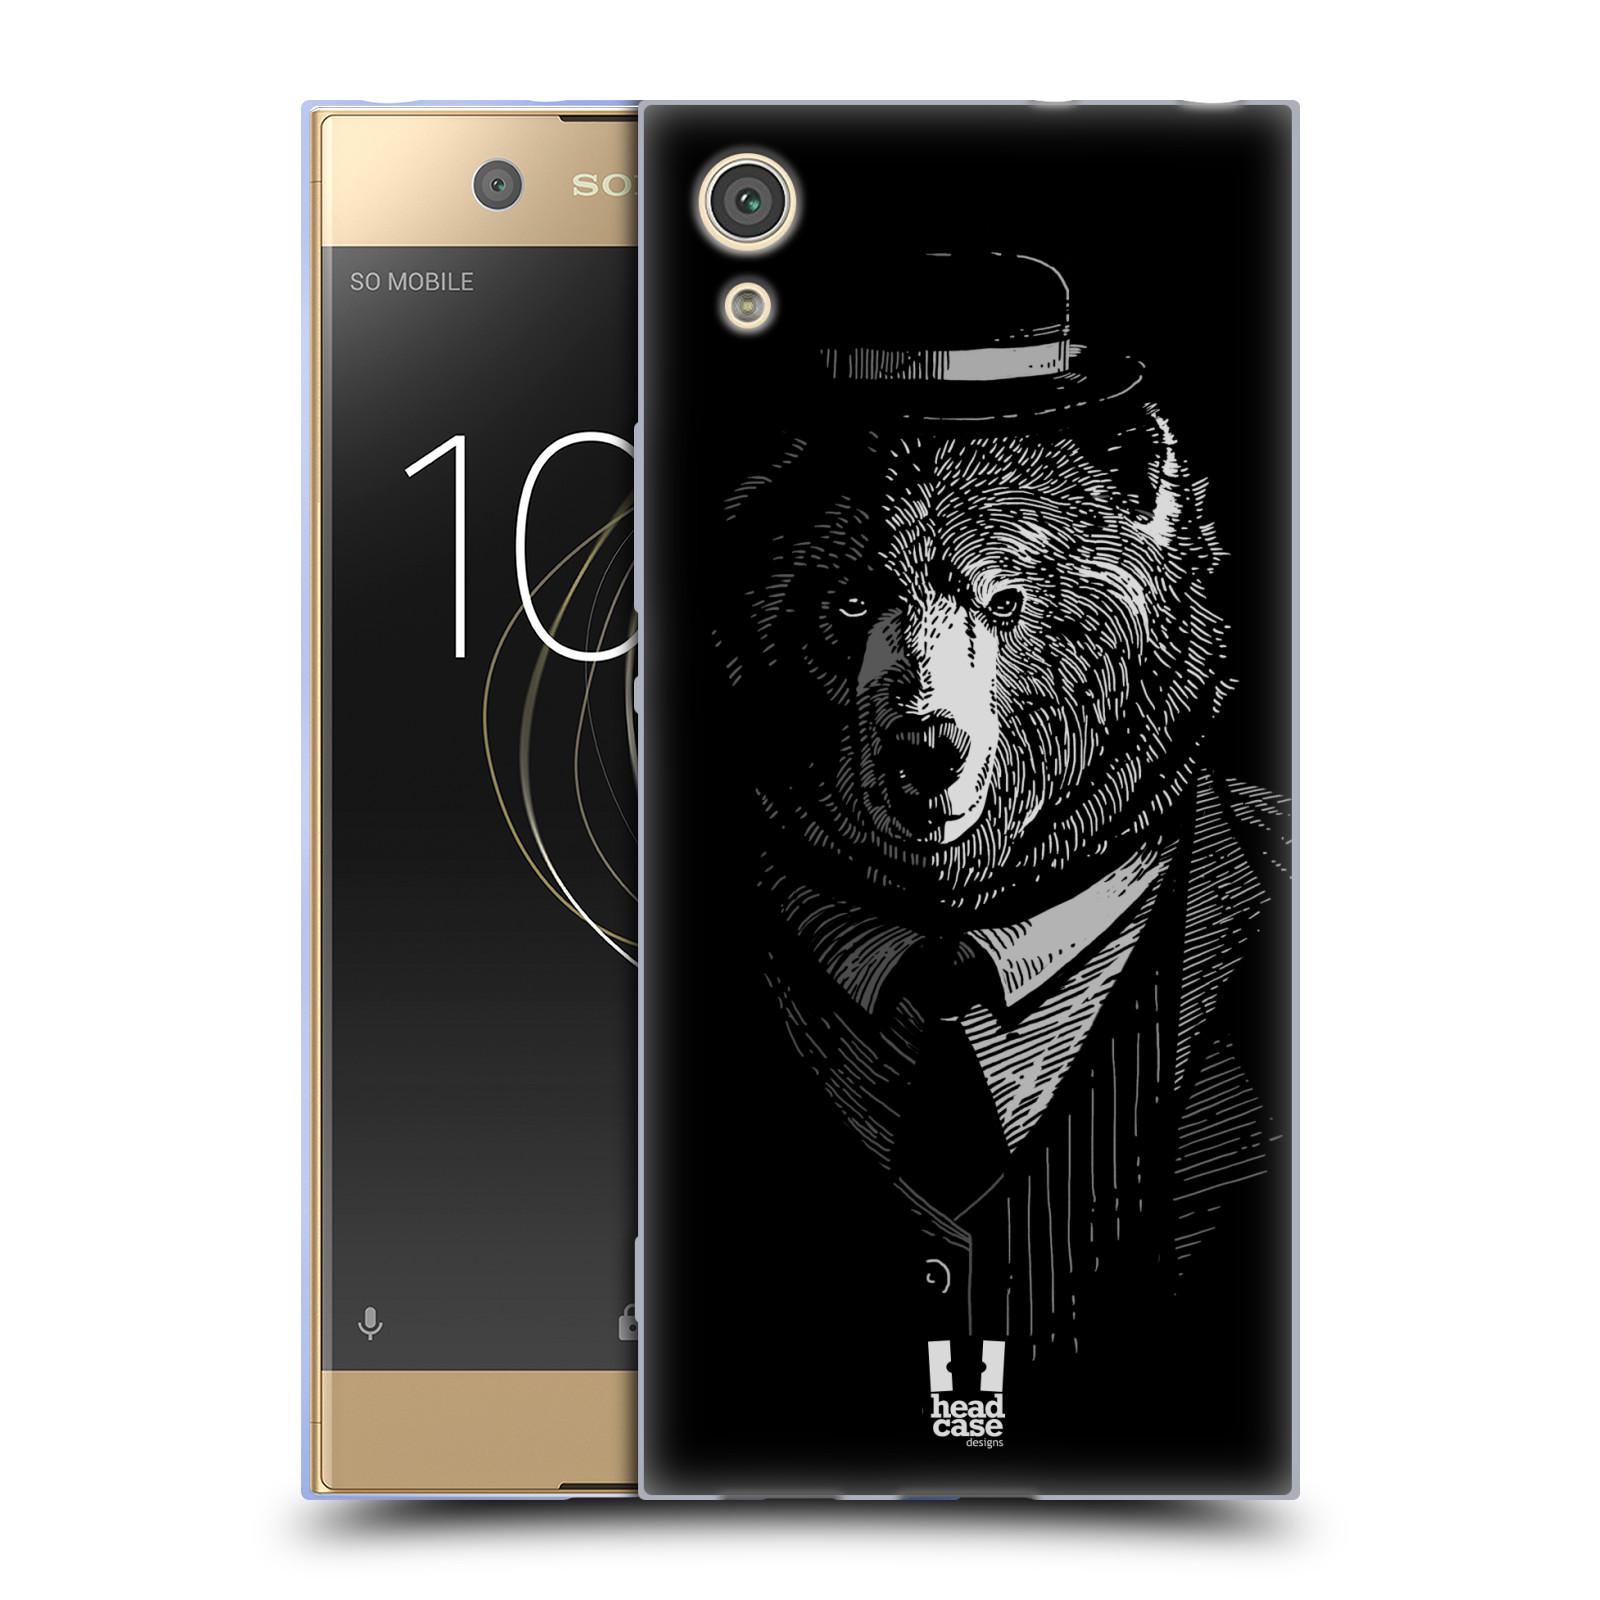 HEAD CASE silikonový obal na mobil Sony Xperia XA1 / XA1 DUAL SIM vzor Zvíře v obleku medvěd